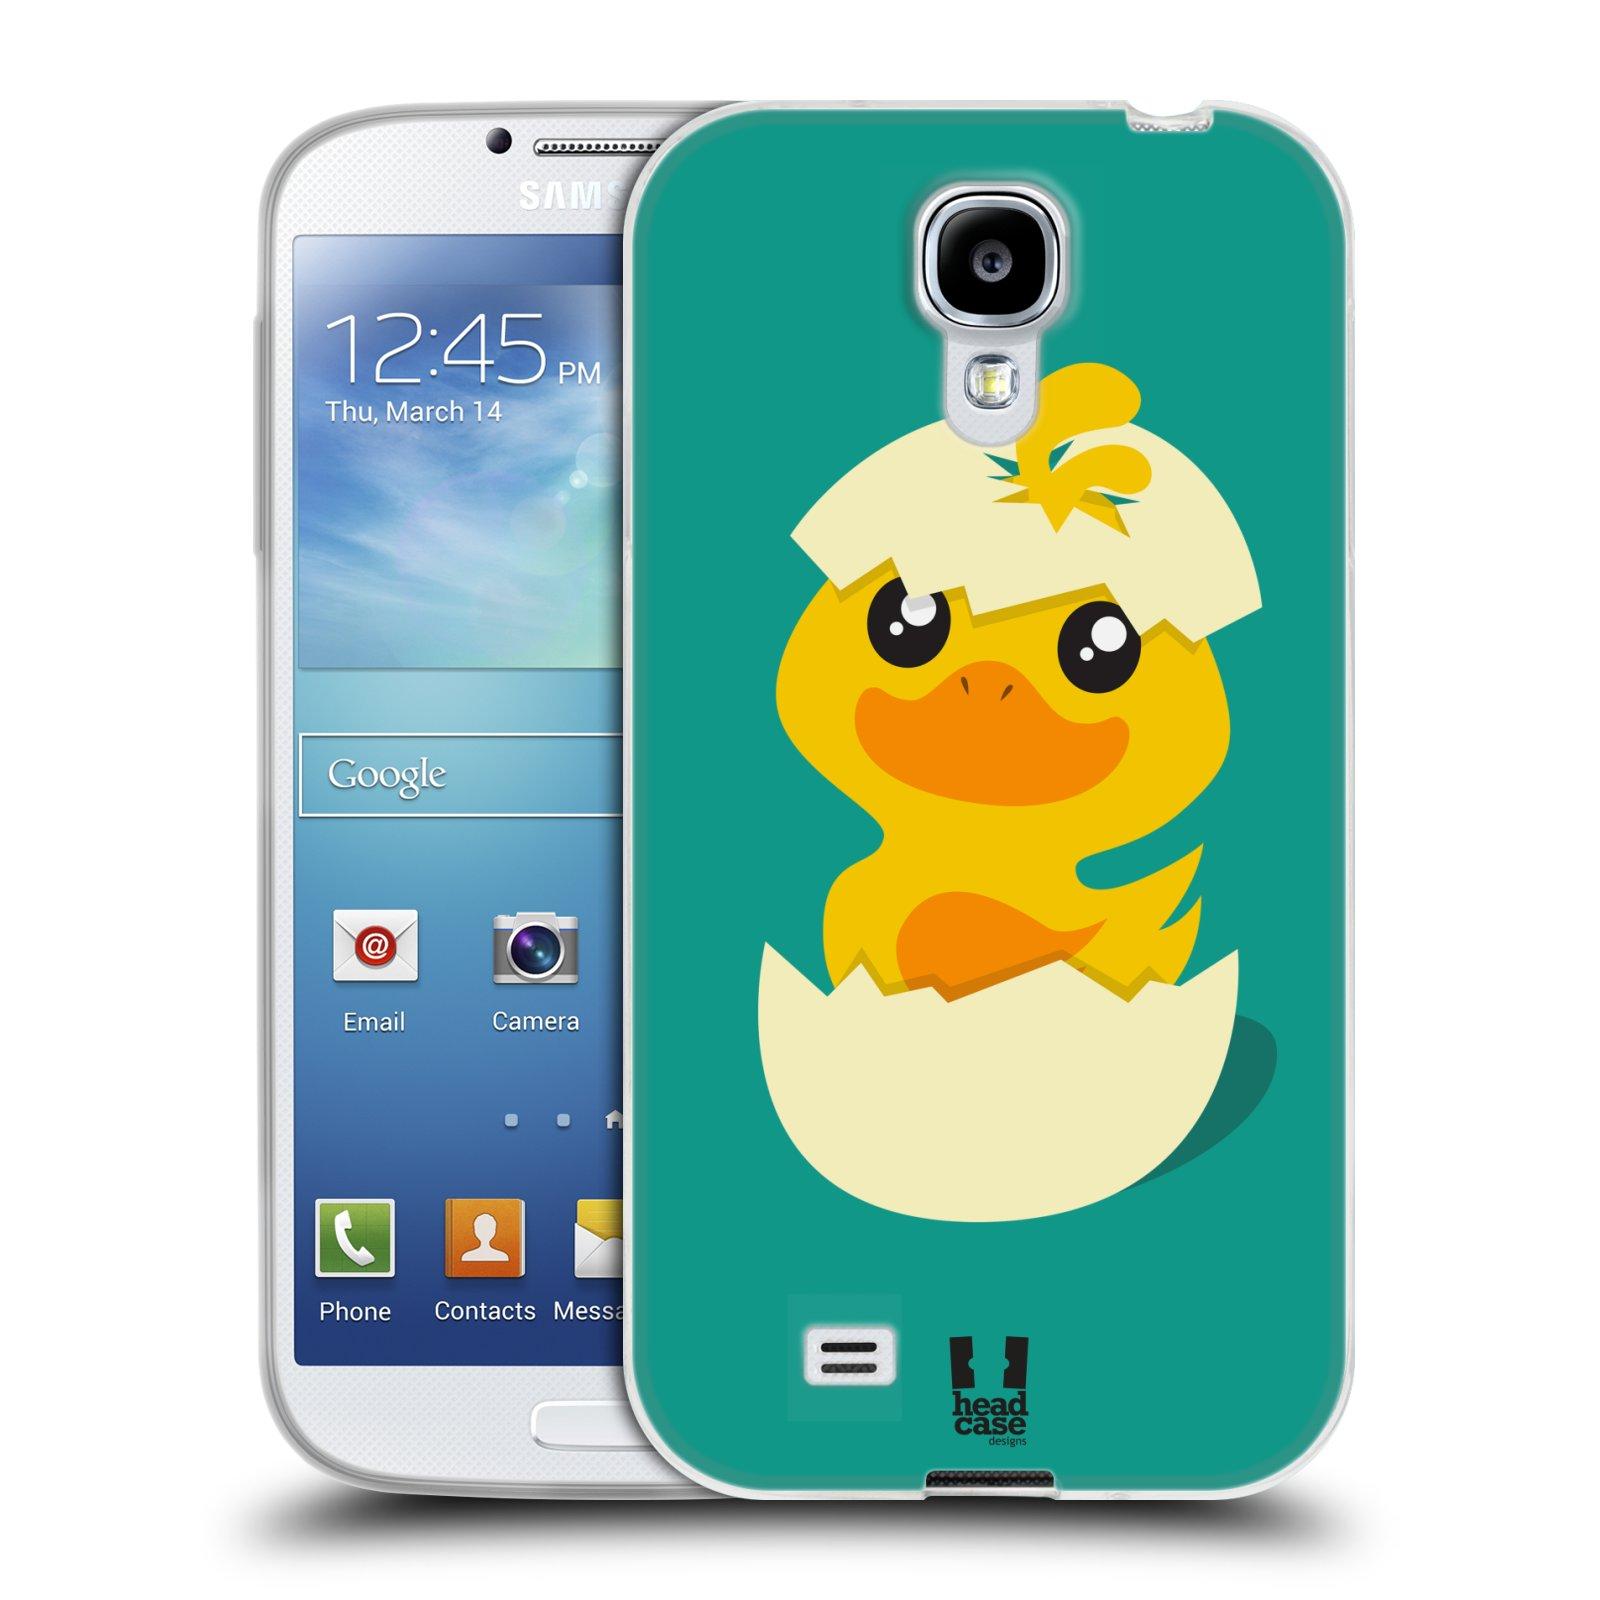 Silikonové pouzdro na mobil Samsung Galaxy S4 HEAD CASE KACHNIČKA Z VAJÍČKA (Silikonový kryt či obal na mobilní telefon Samsung Galaxy S4 GT-i9505 / i9500)